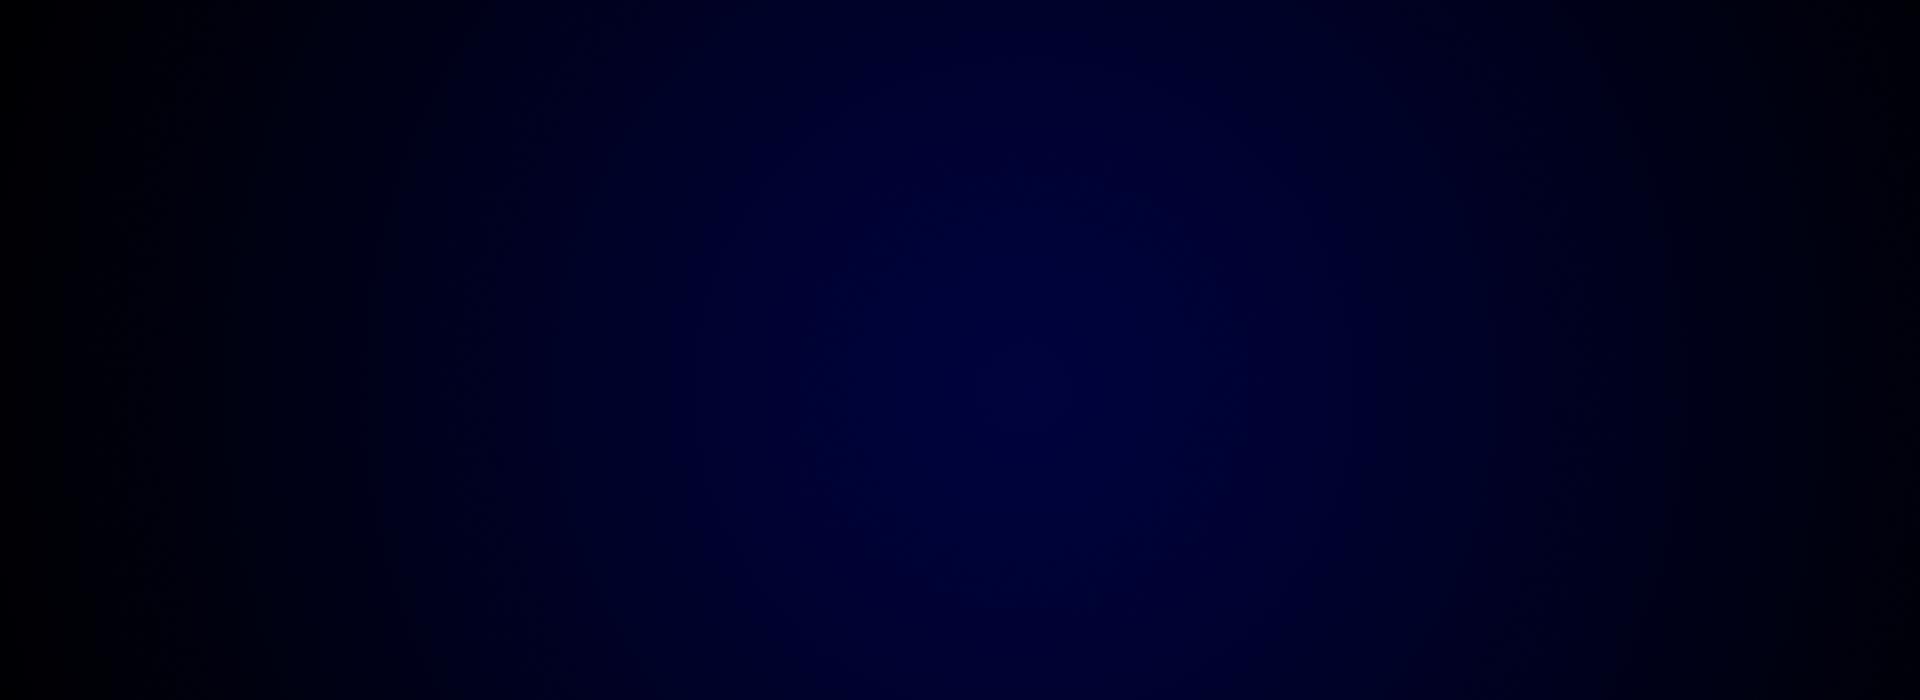 dk-bluebg1